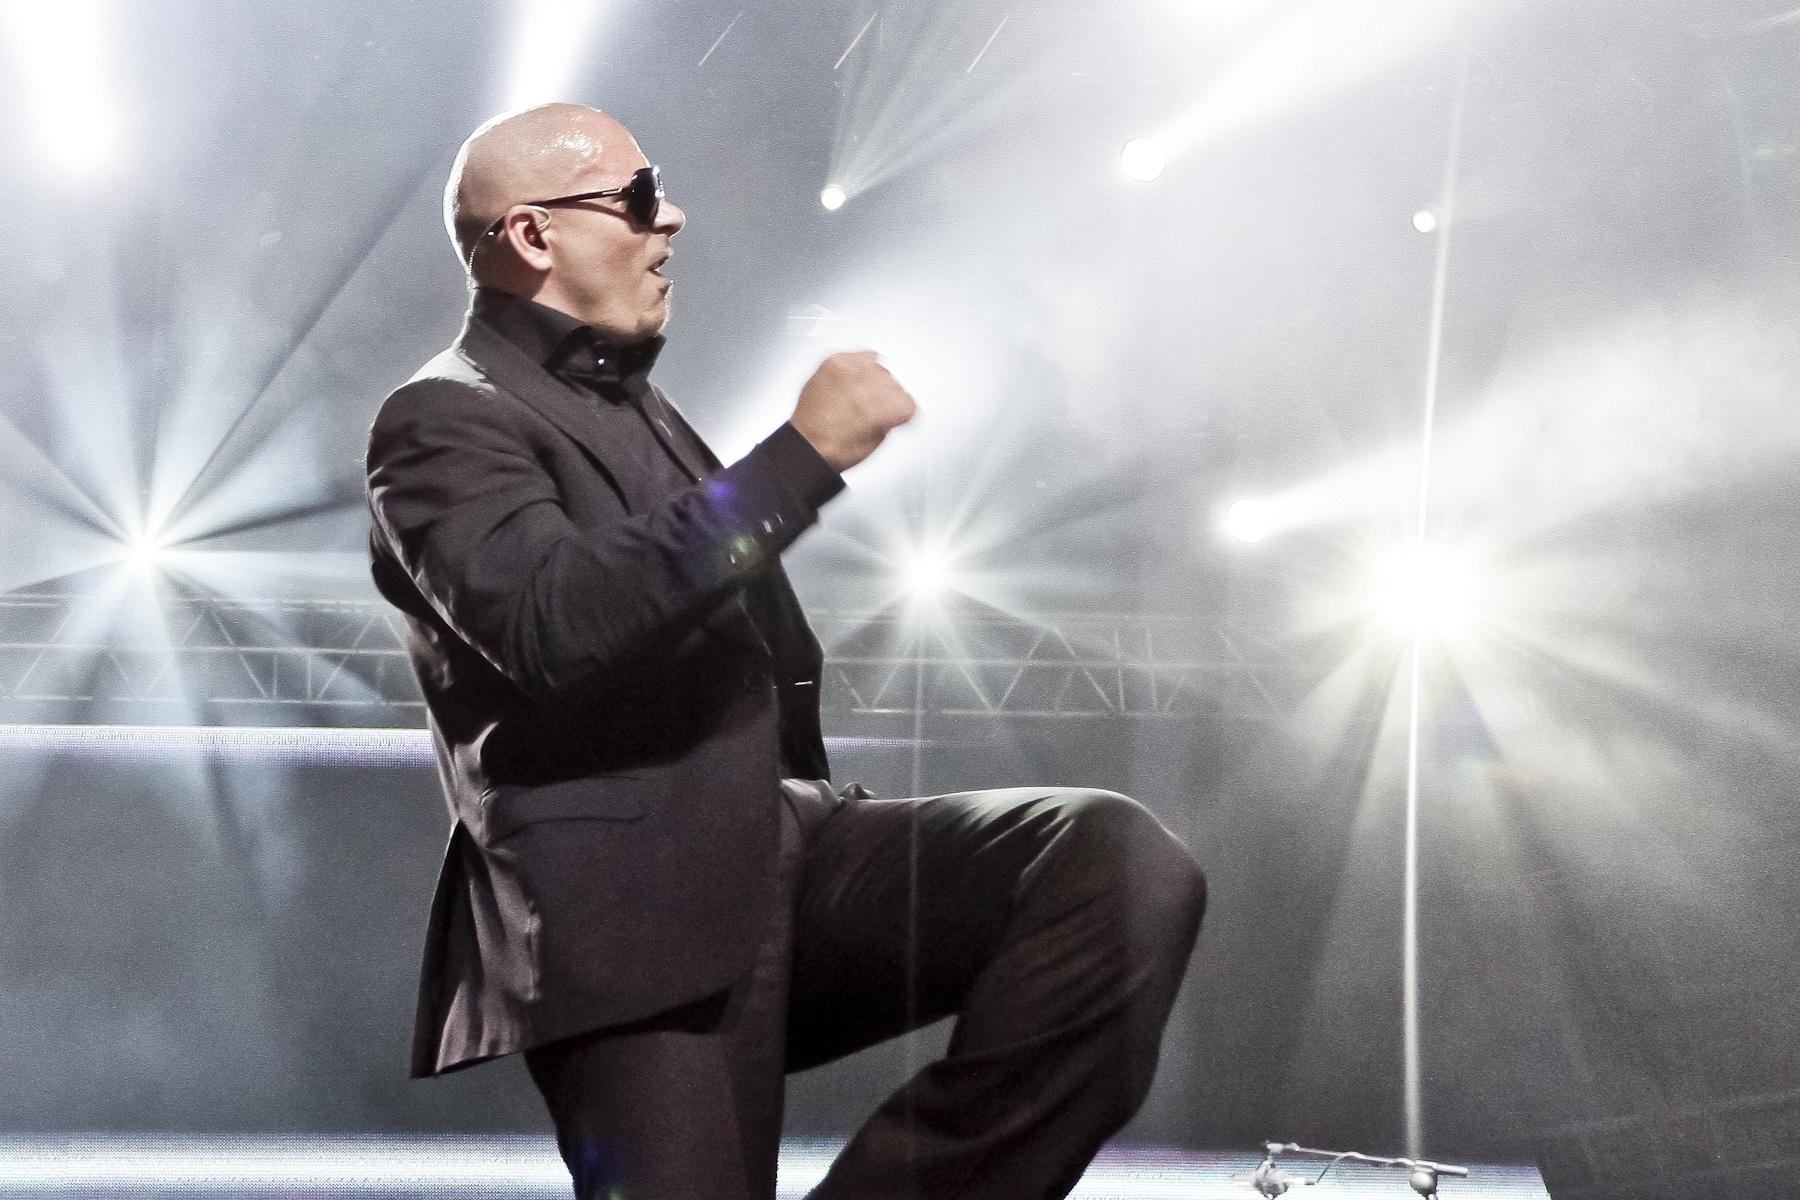 La baja venta de entradas obliga a Kesha y a Pitbull a cancelar su gira conjunta